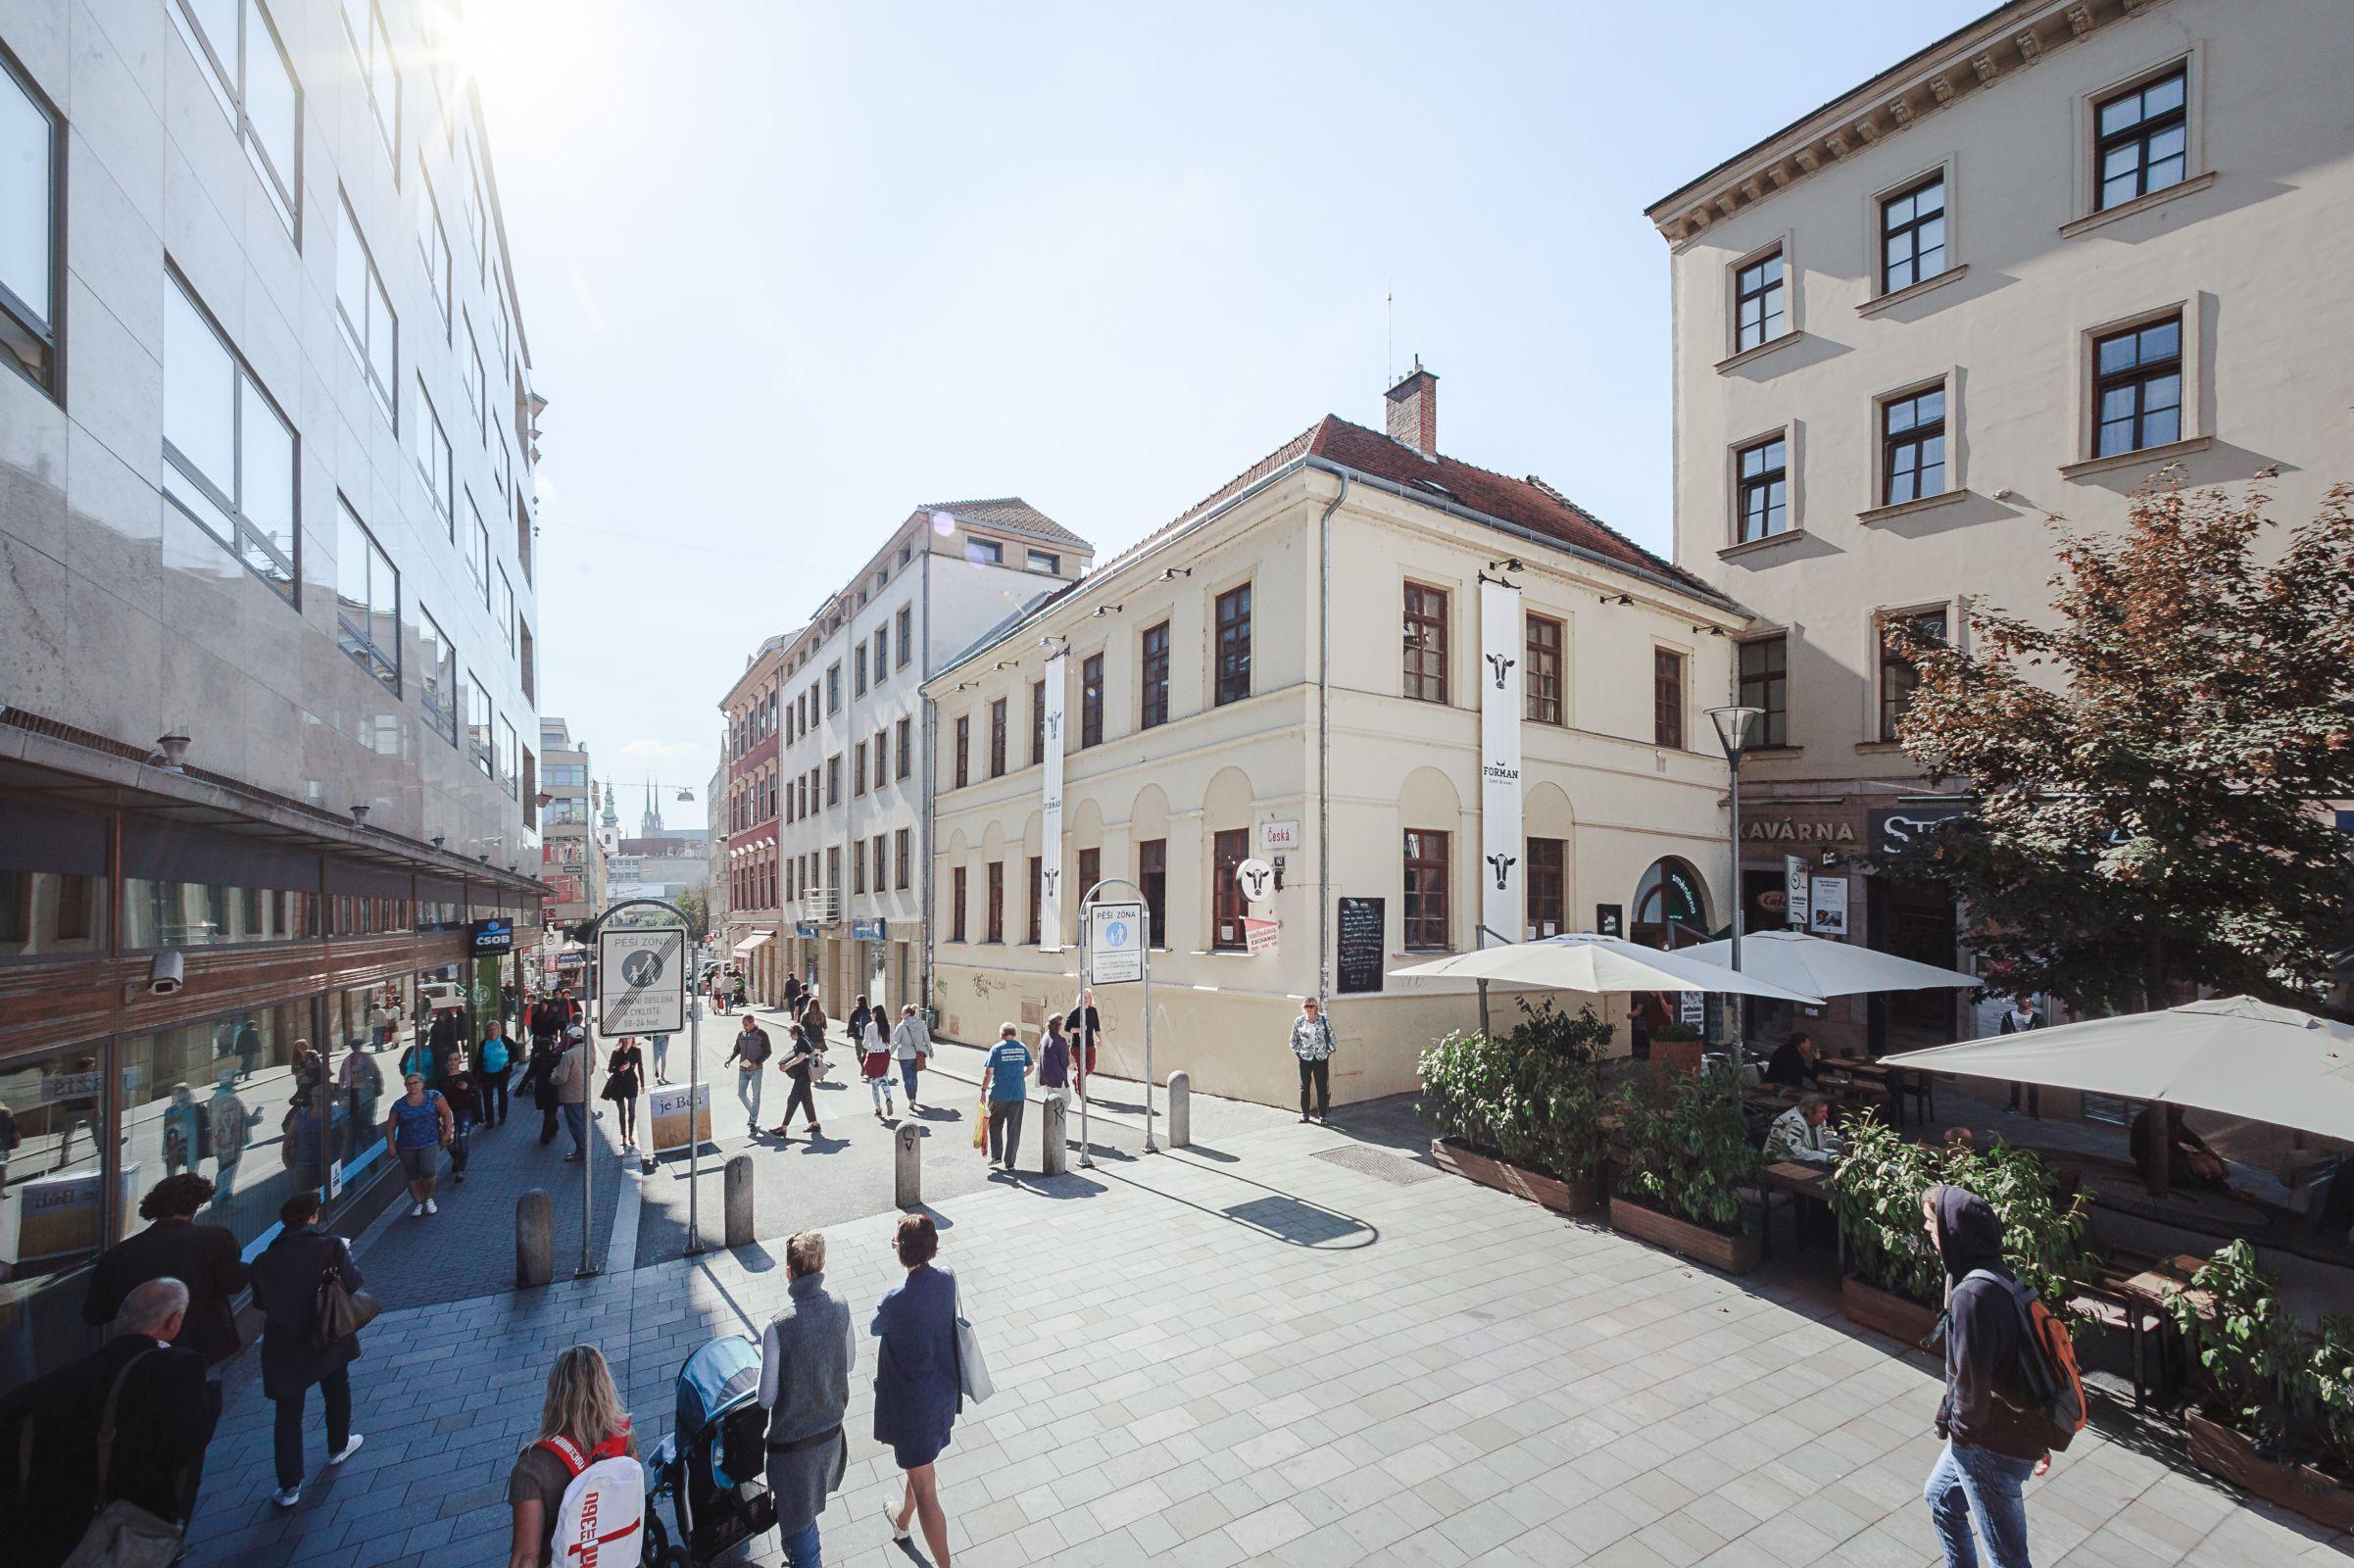 Ulice Česká v Brně